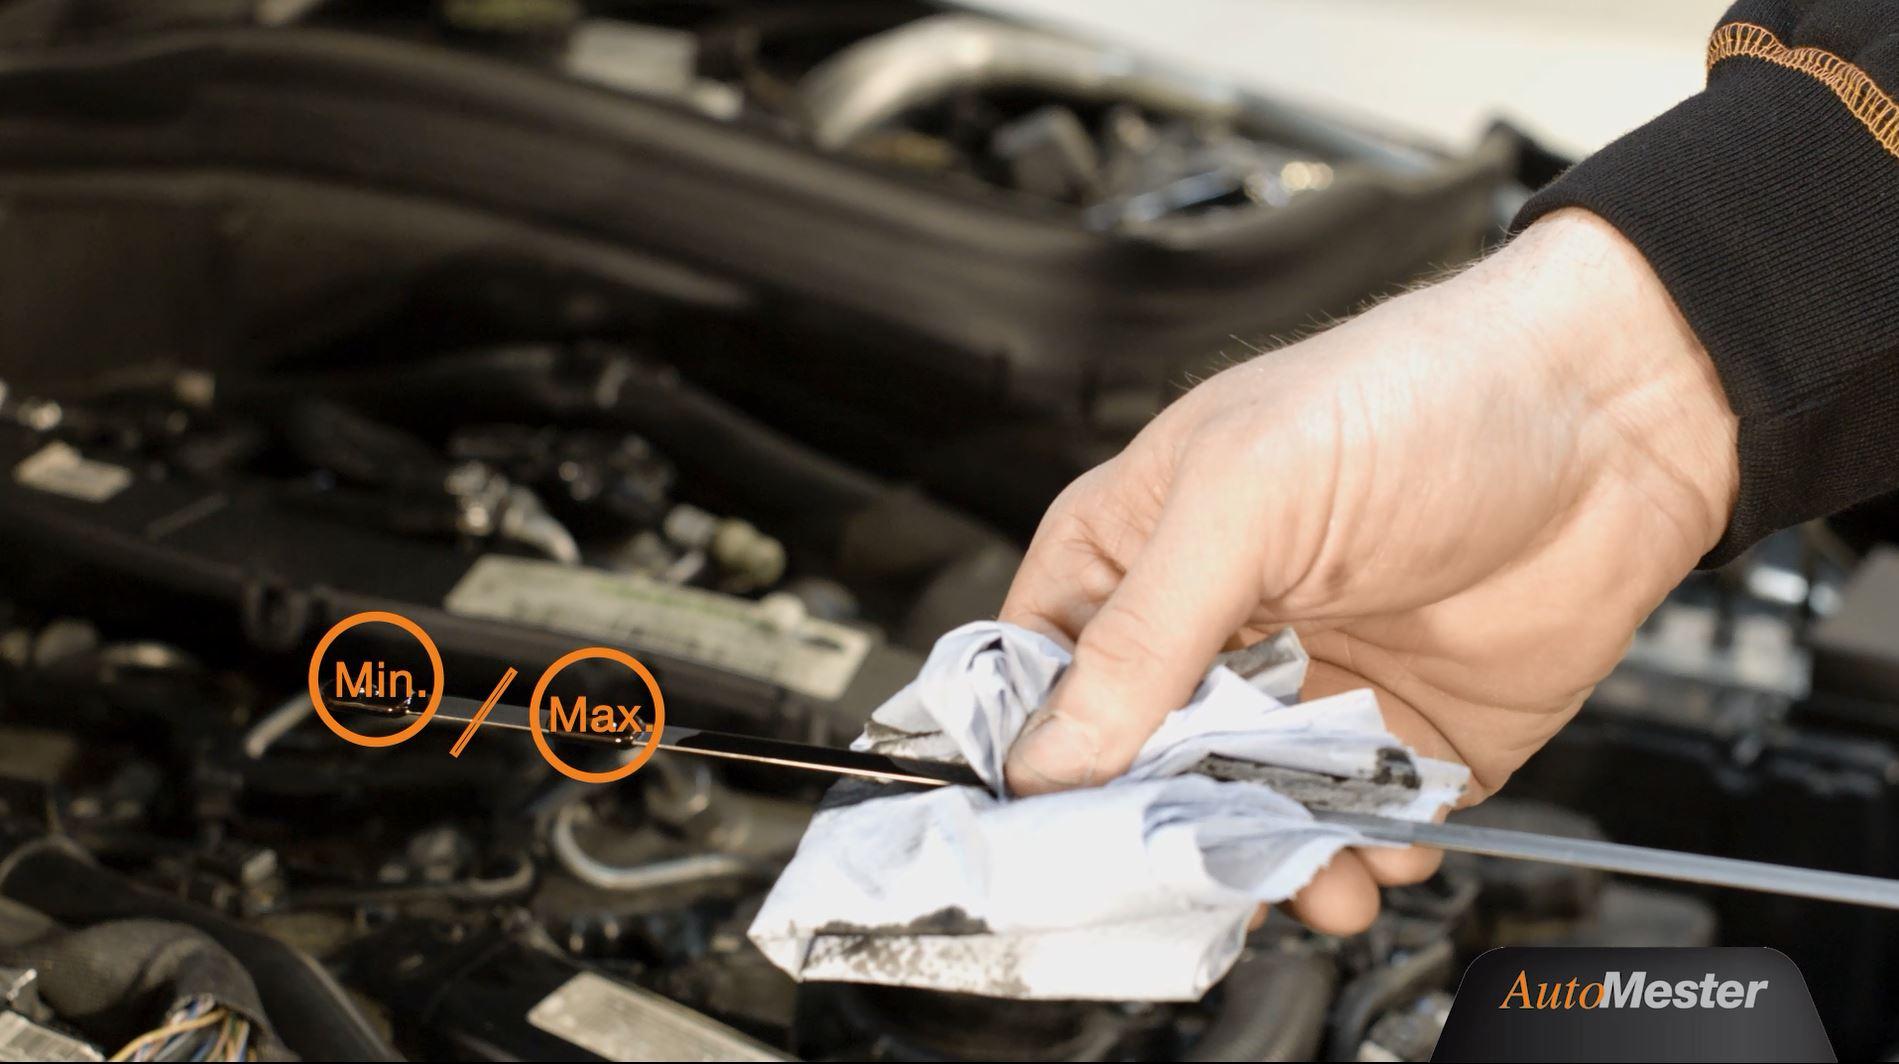 Tidssvarende Sådan tjekker du selv bilens oliestand | Automester RW-21